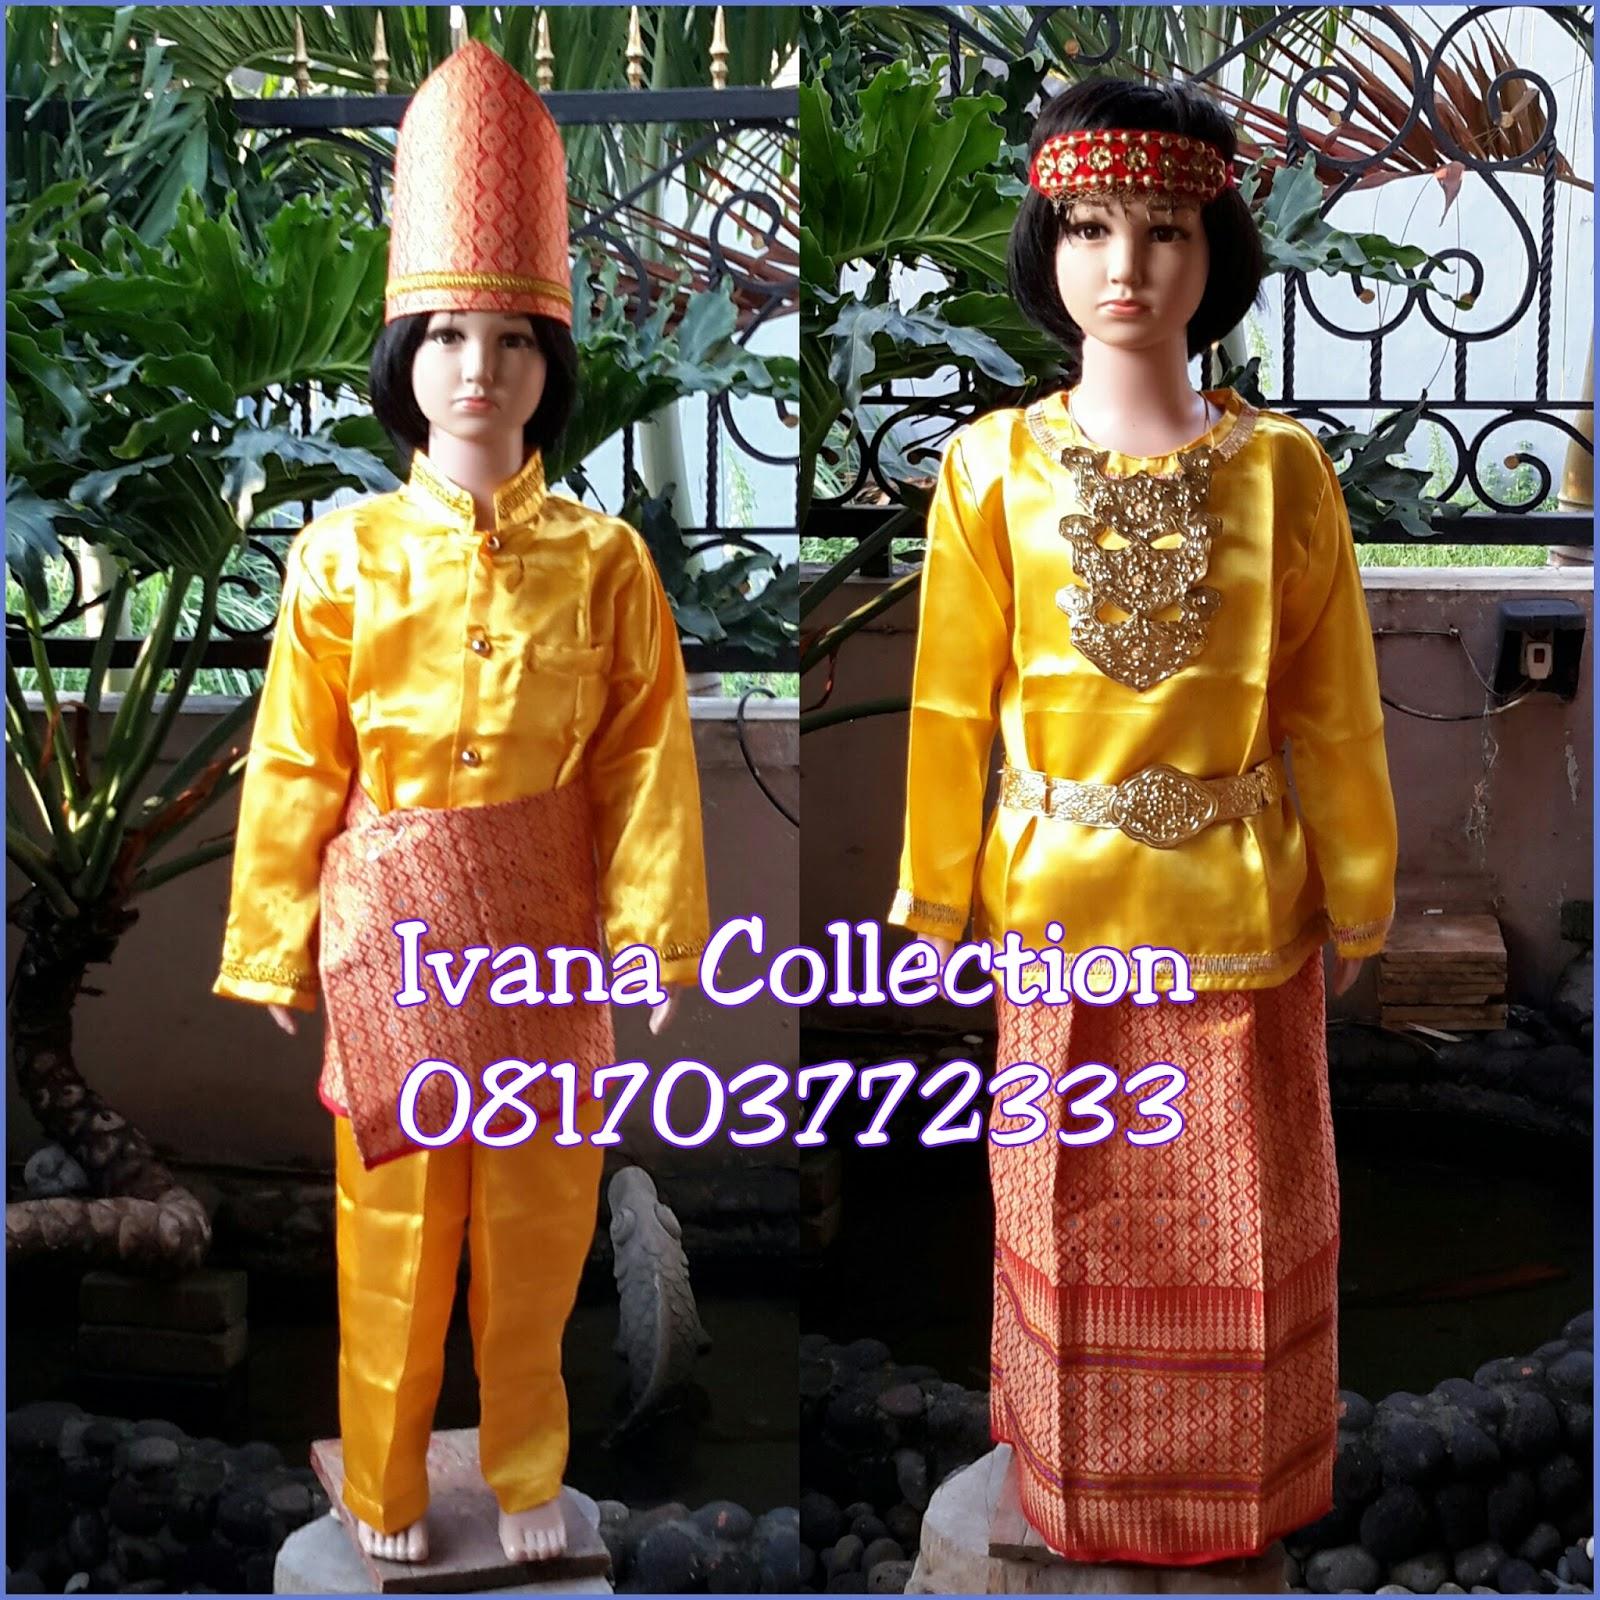 Permalink to Baju Adat Sulawesi Selatan Potongan Harga